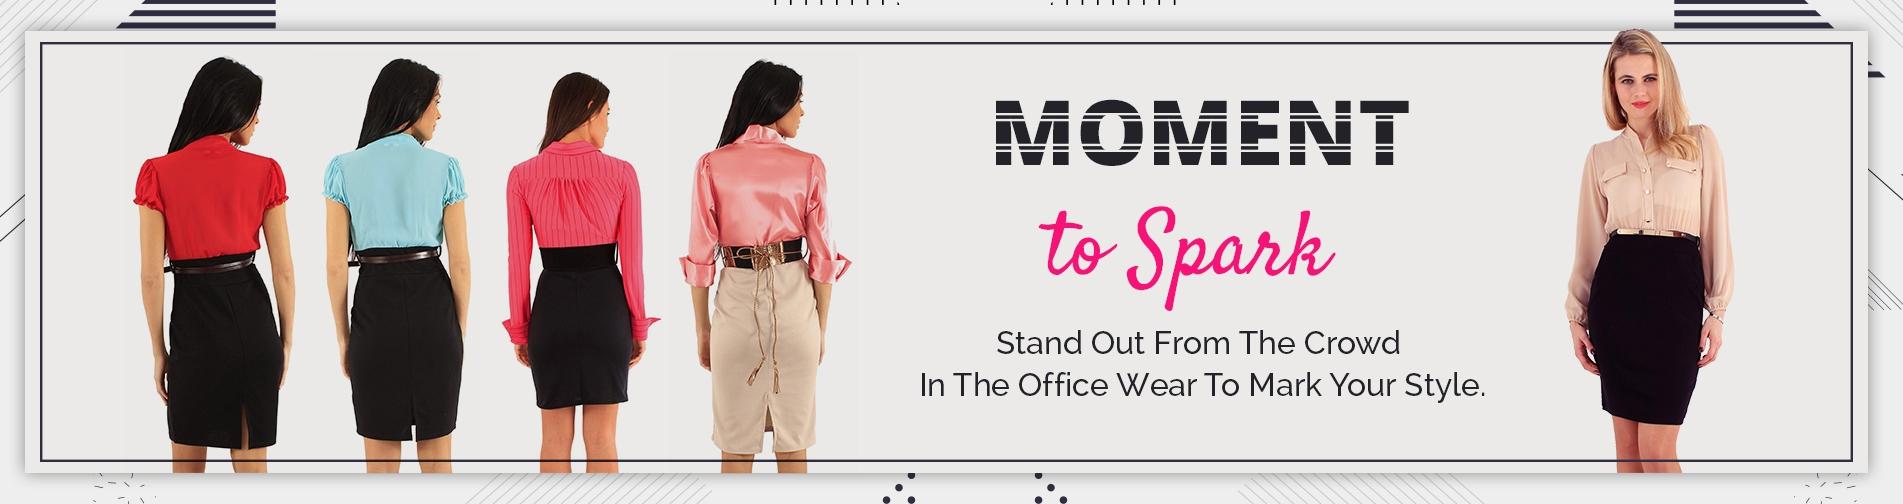 Office Wear